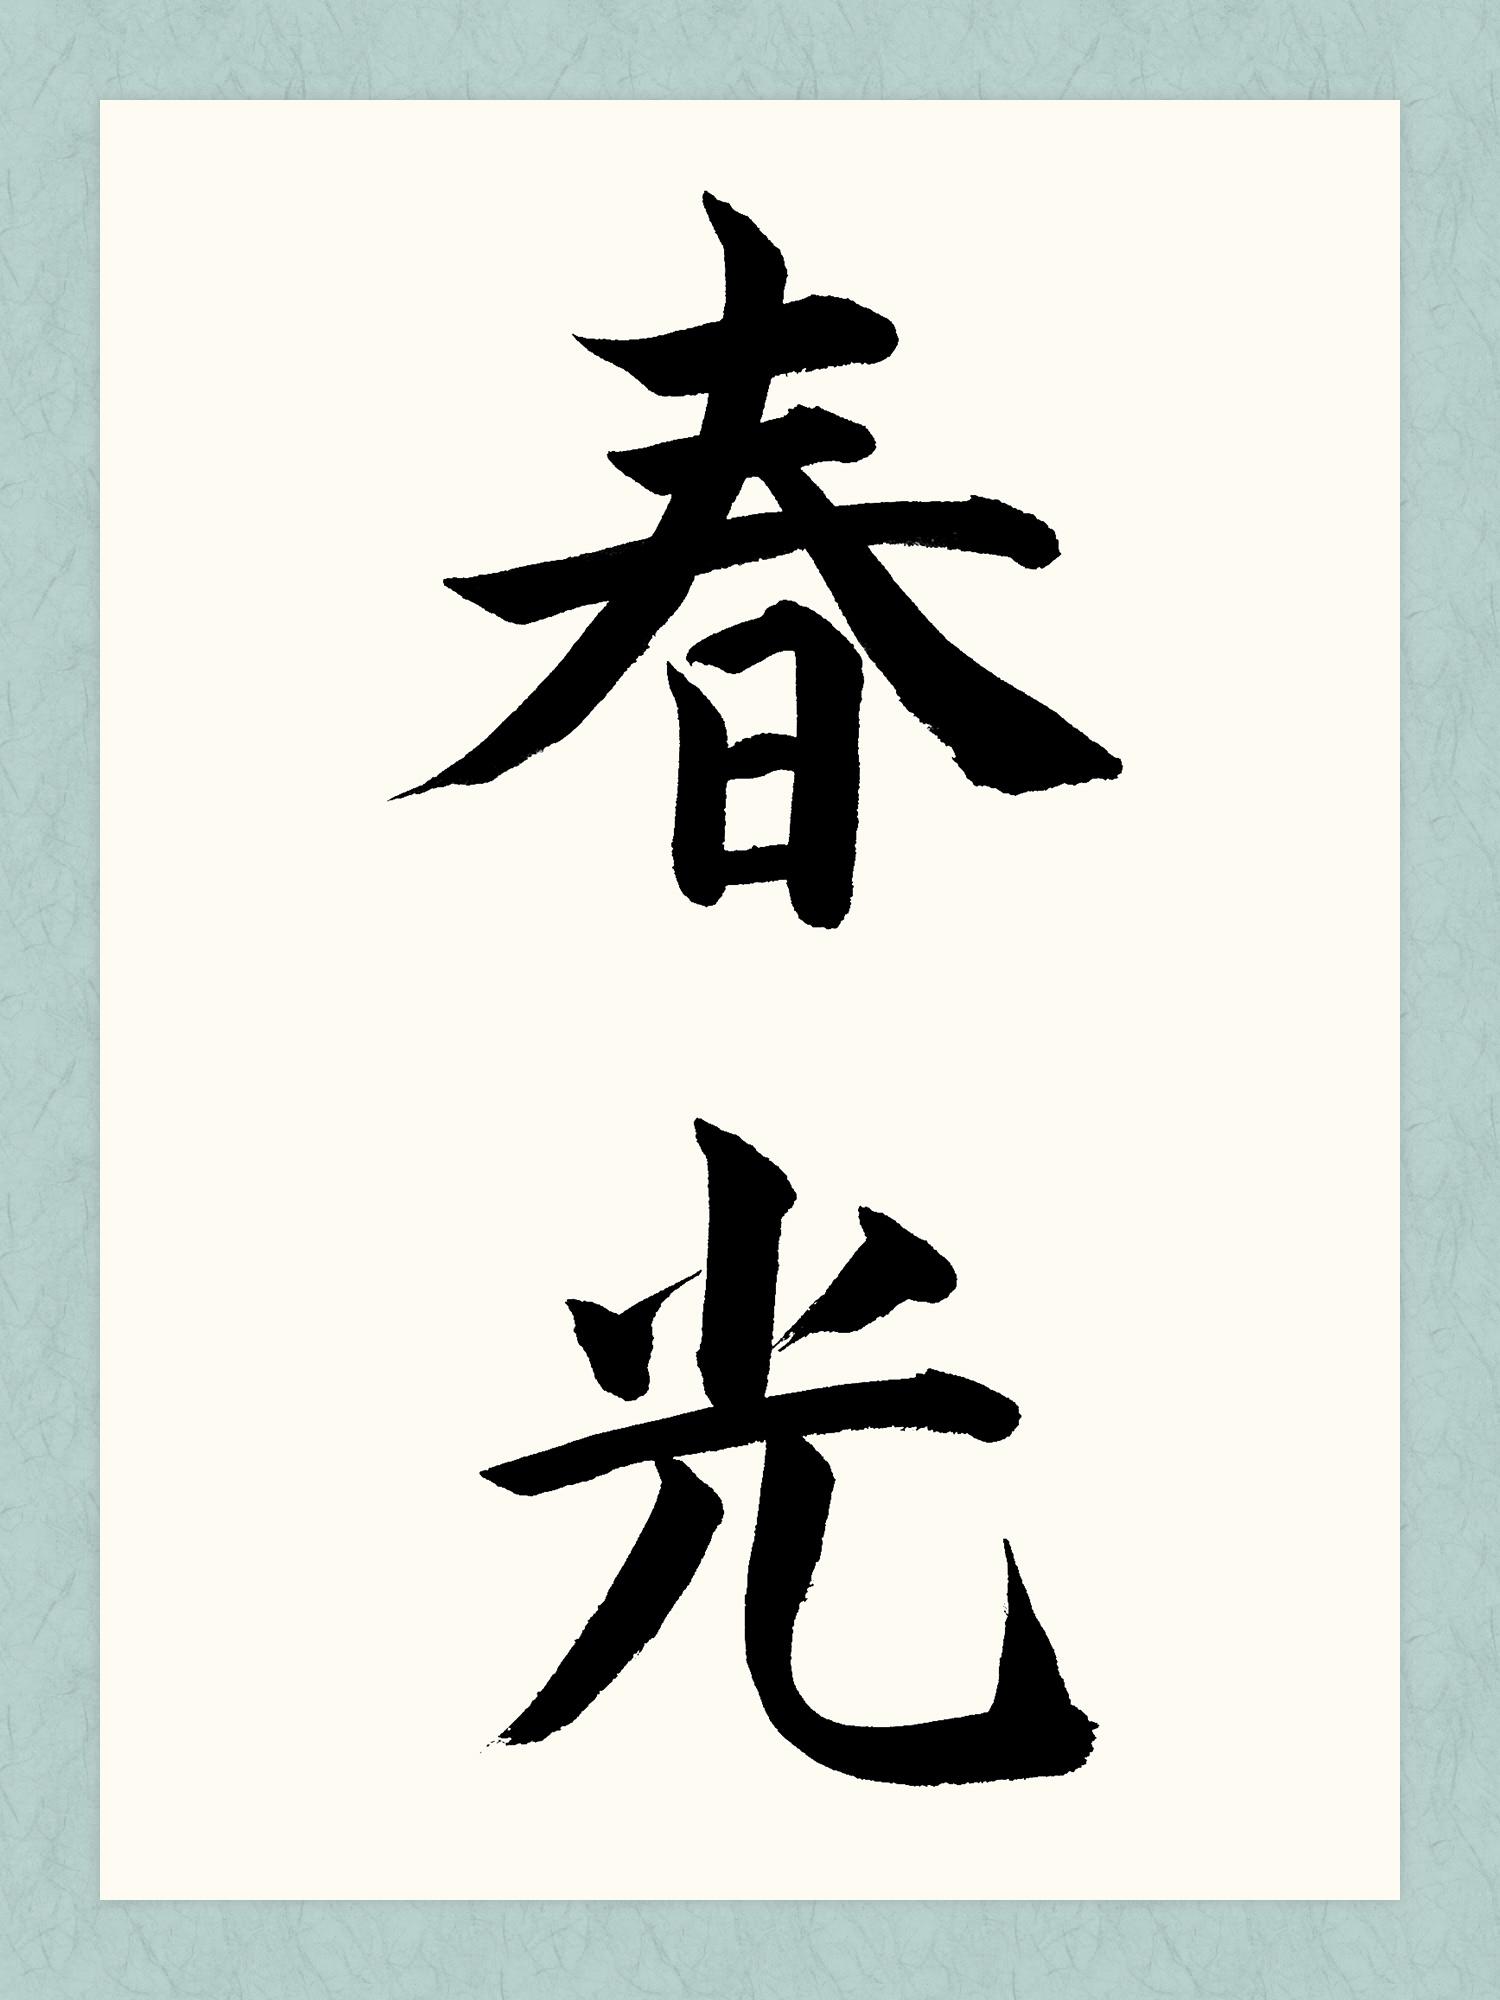 書道・習字の手本                                                                                        春光                            (しゅんこう)